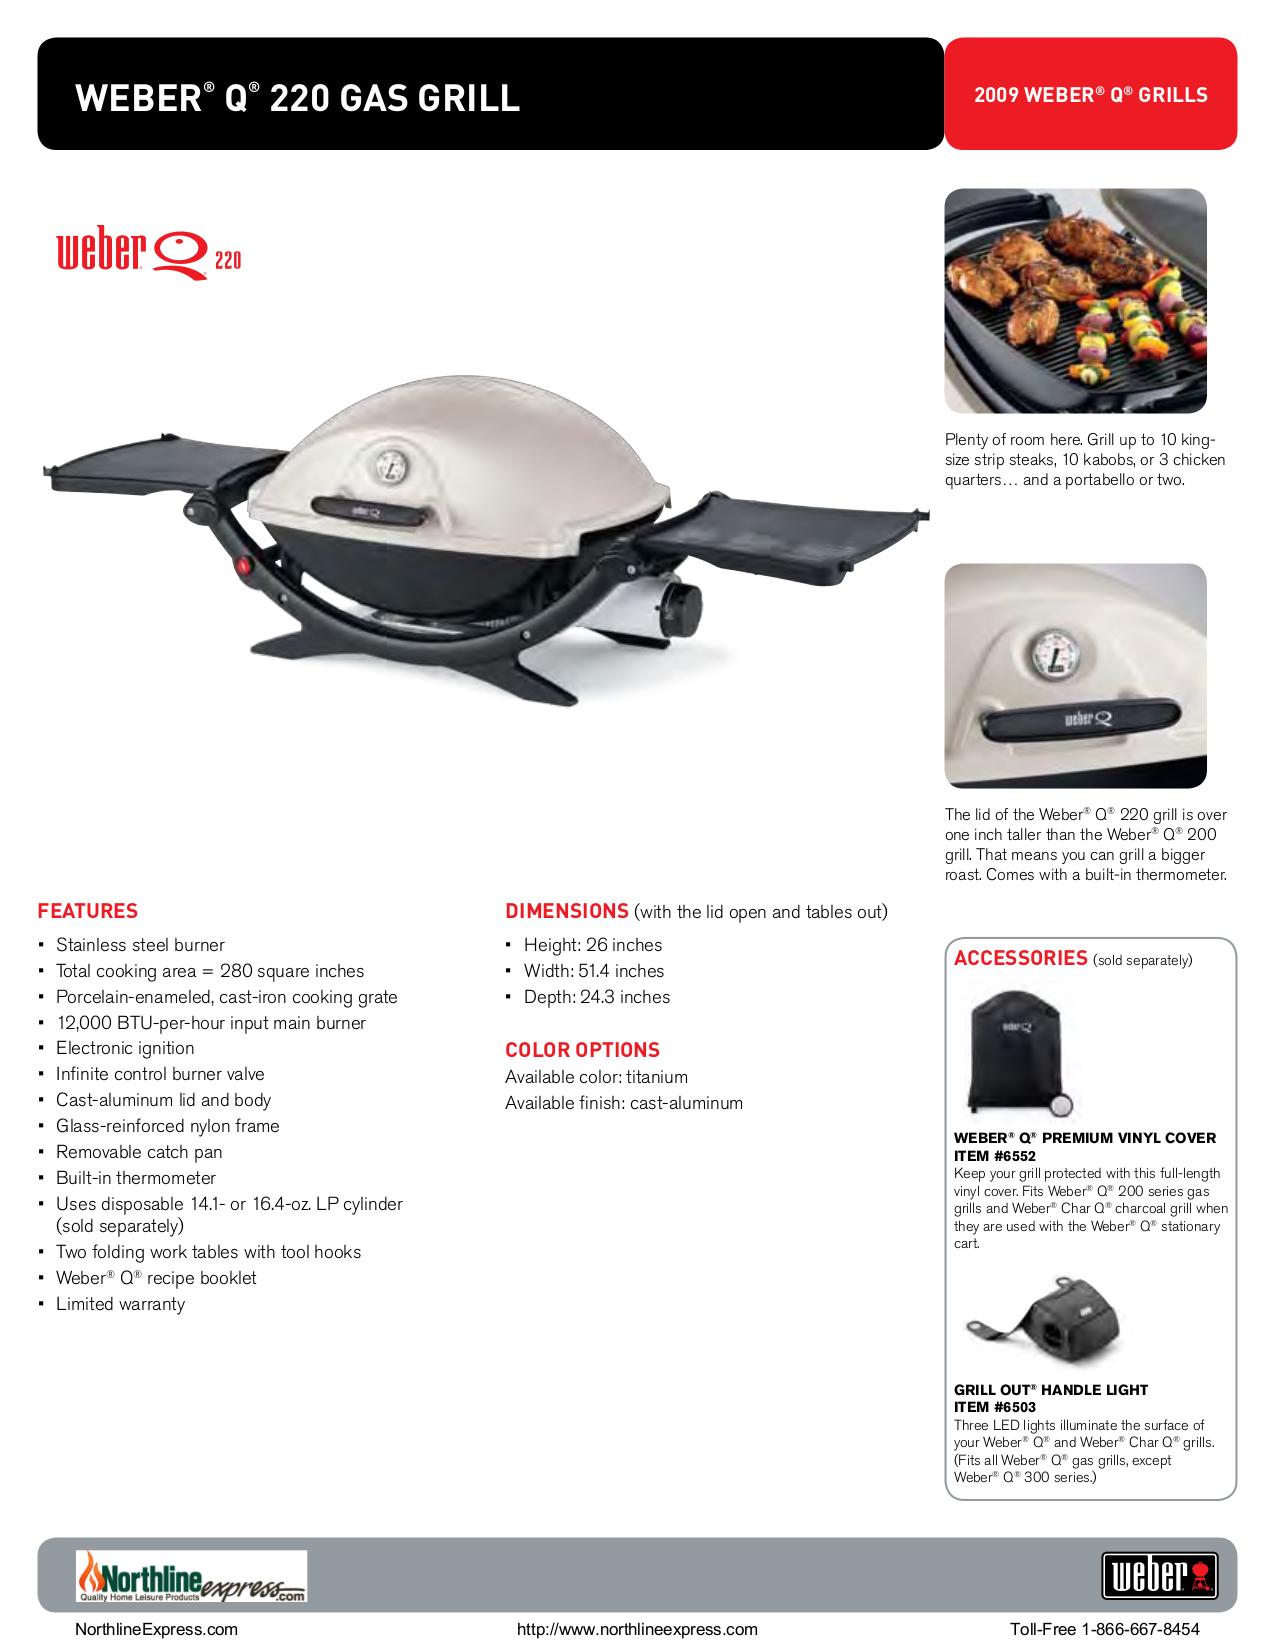 weber q grill manual expert event rh expertisesmaritimesrhamel com weber gas grill manual spirit 300 series weber q200 gas grill manual